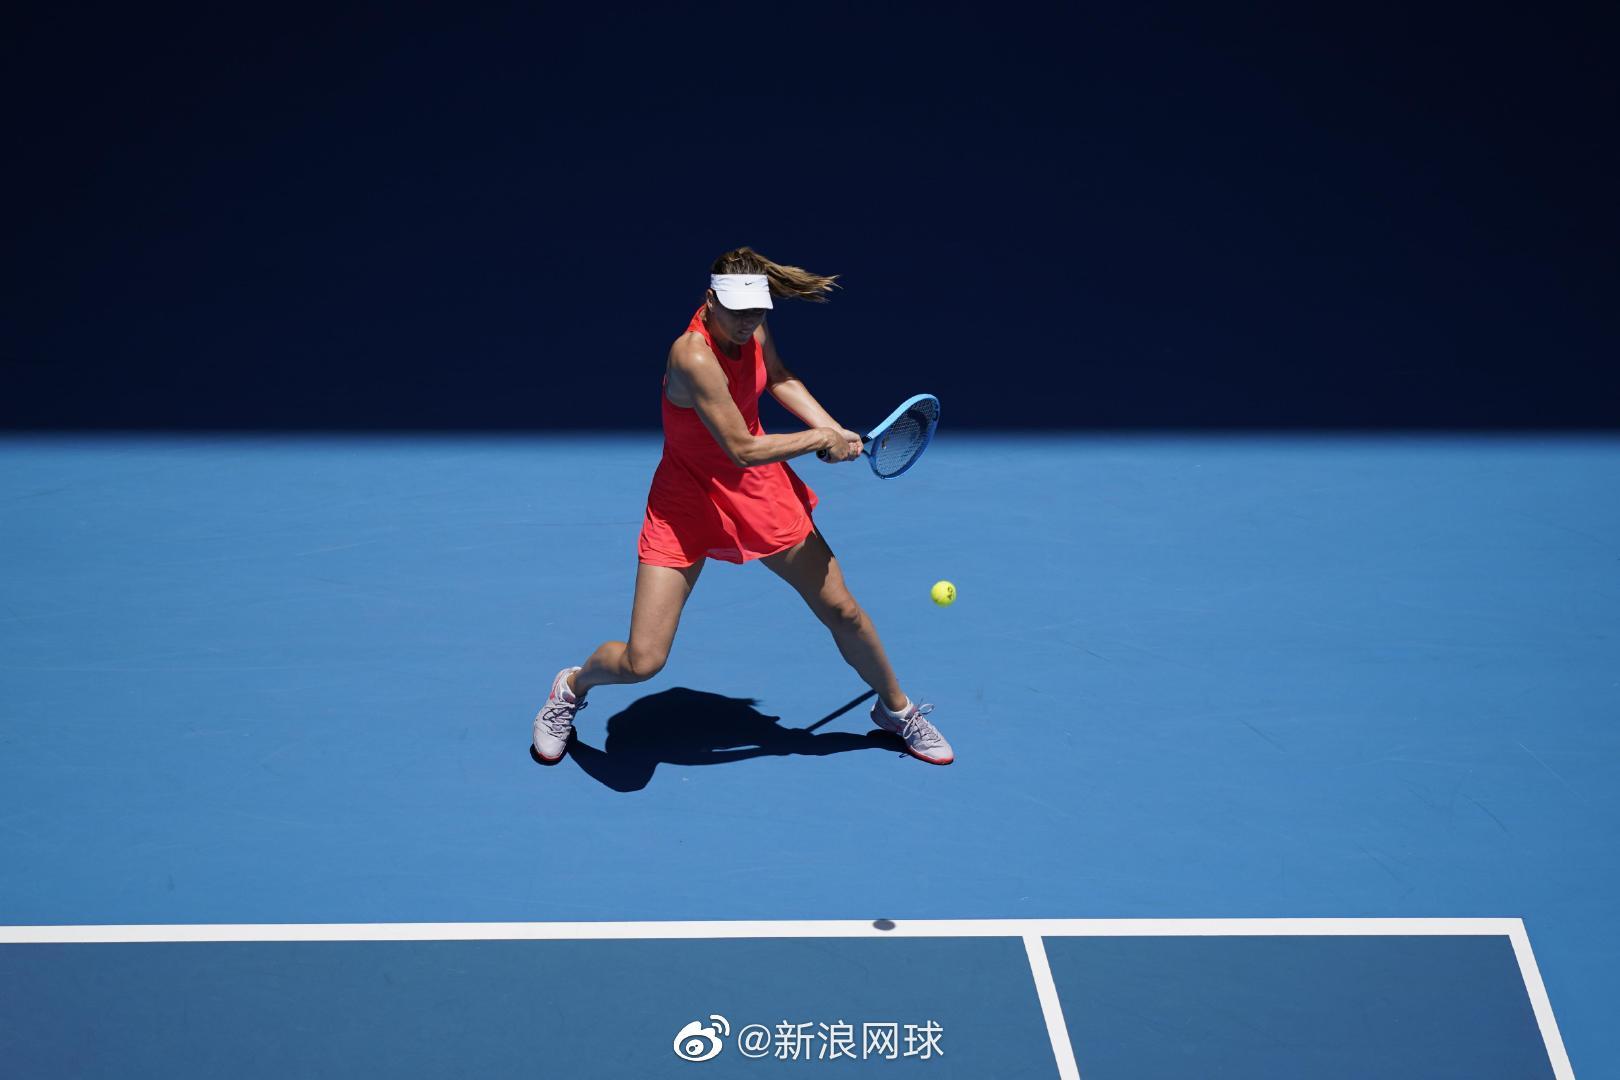 持外卡出战、排名第145位的前赛会冠军莎拉波娃错失第二盘4-1领先